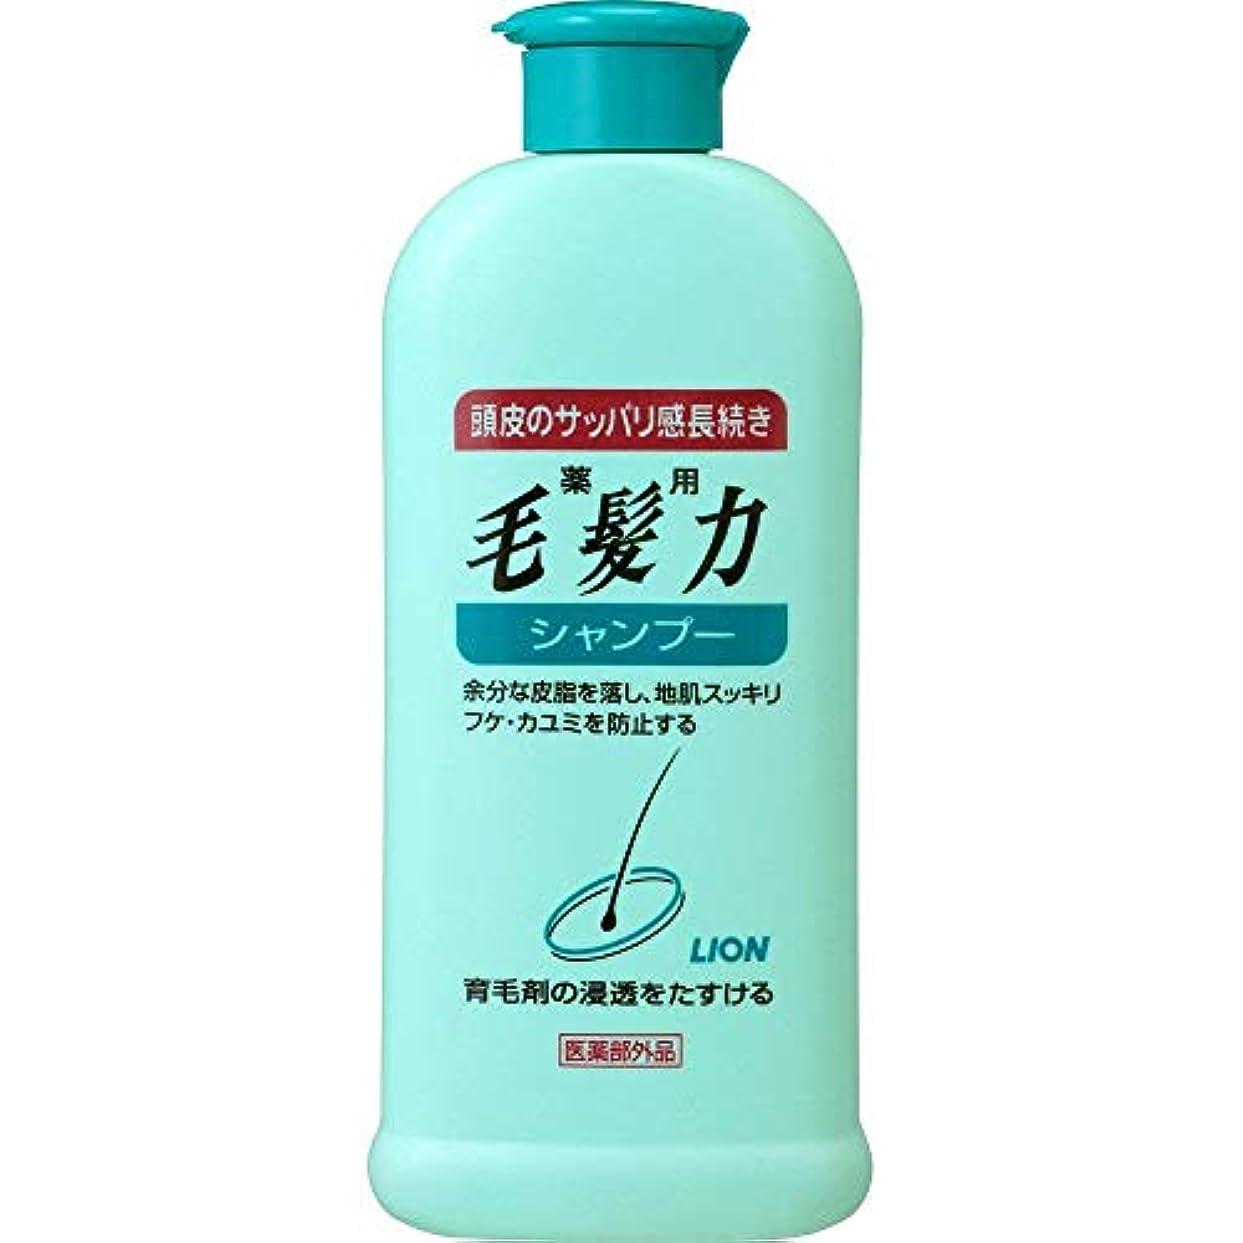 肯定的ベンチャー巨大【まとめ買い】薬用毛髪力 シャンプー 200ml ×2セット